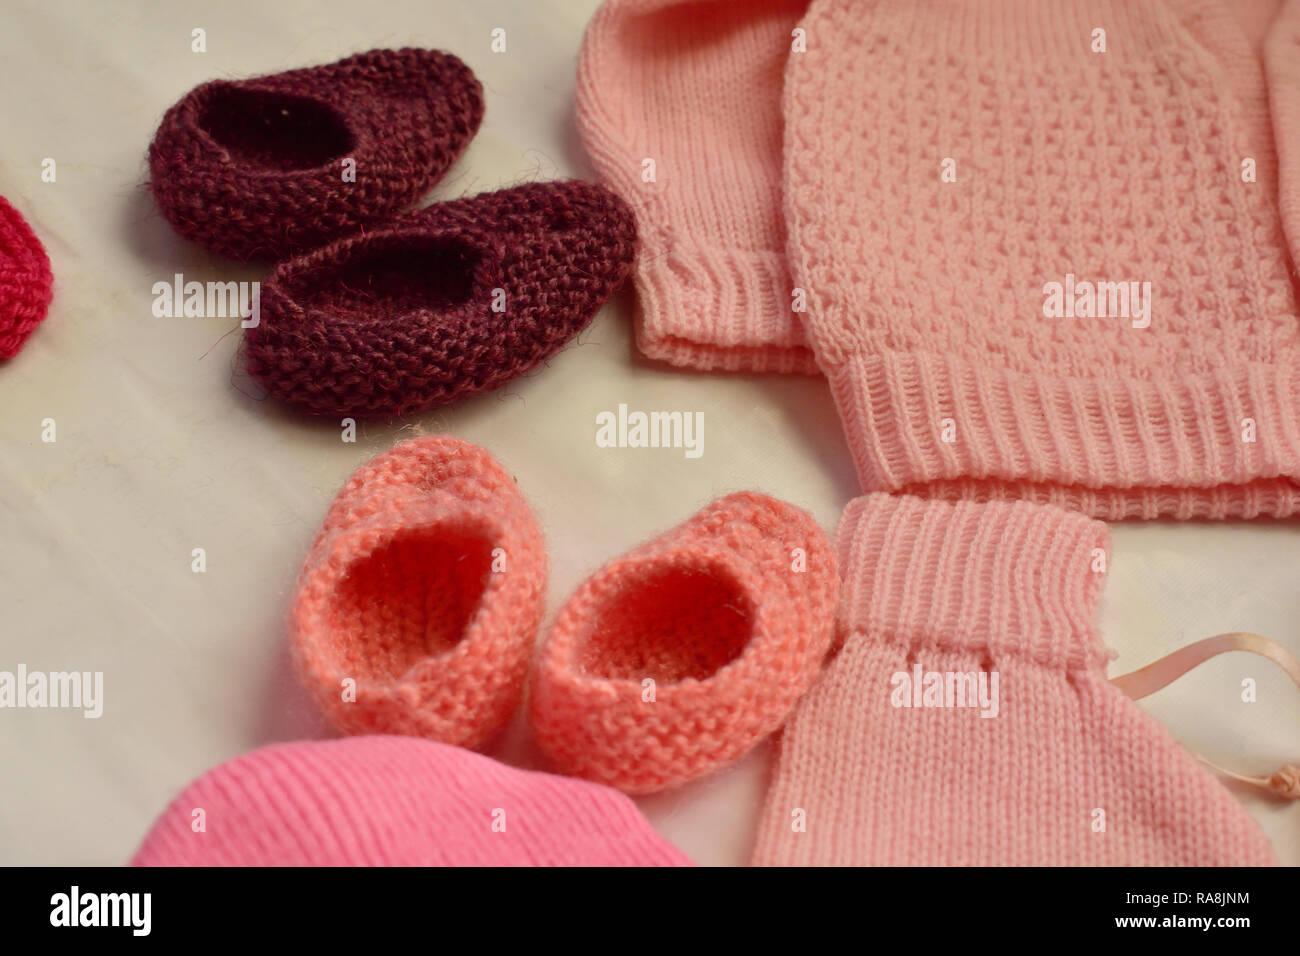 Hermosos tejidos de lana zapatos para bebés pequeños pies y rosa vestido de  bebe Imagen De e9f52bb68d5